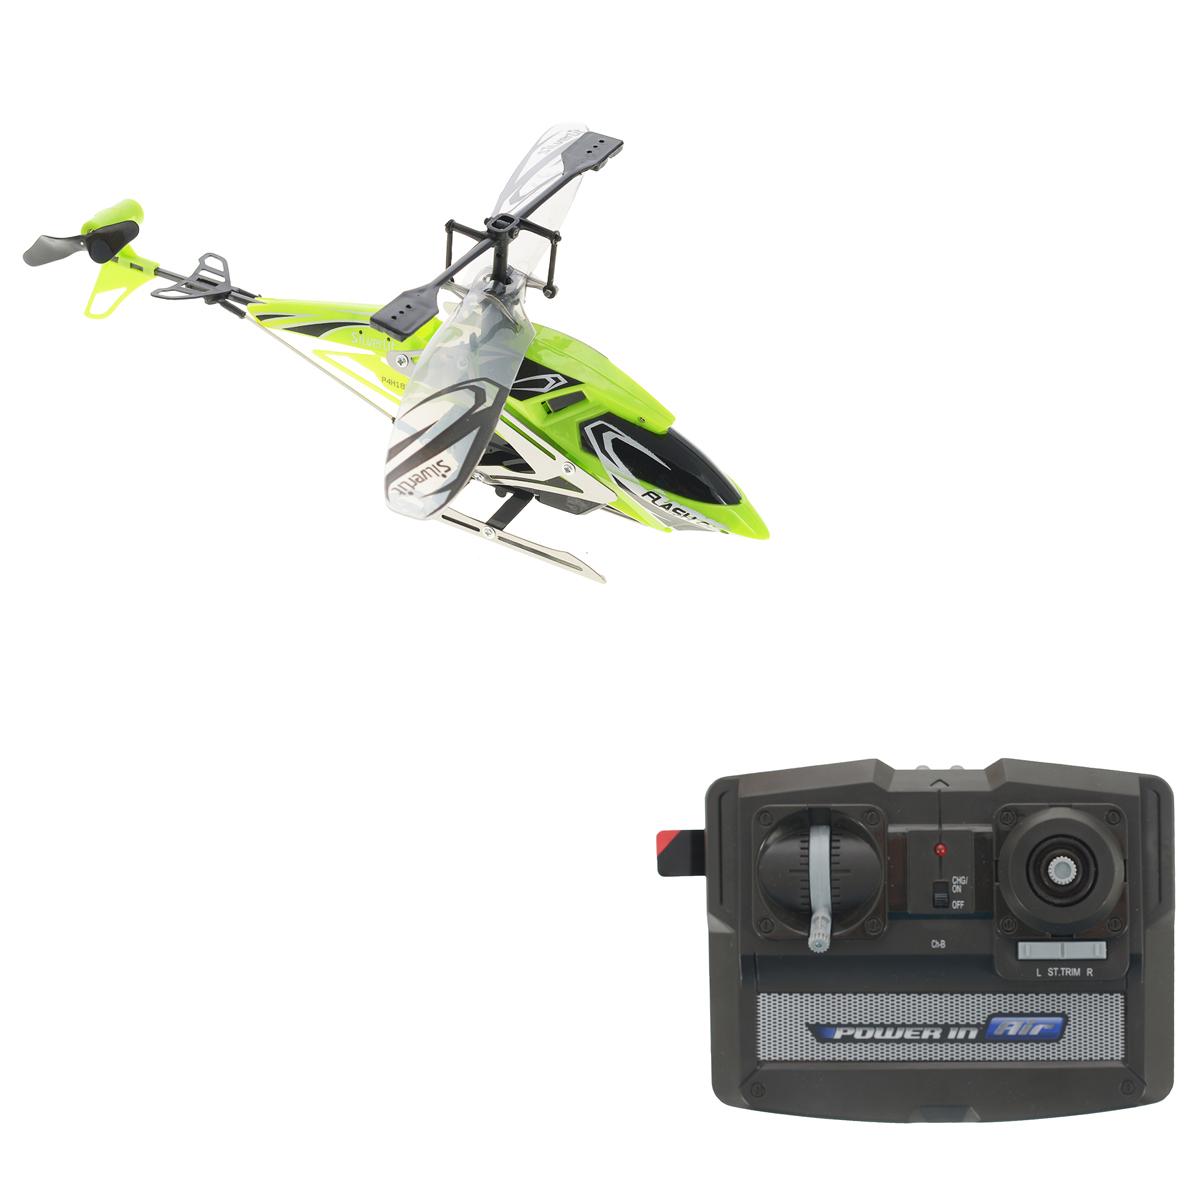 silverlit silverlit вертолет со стрелами helli blaster на радиоуправлении 3х канальный Silverlit Вертолет на радиоуправлении Штурмовик цвет зеленый